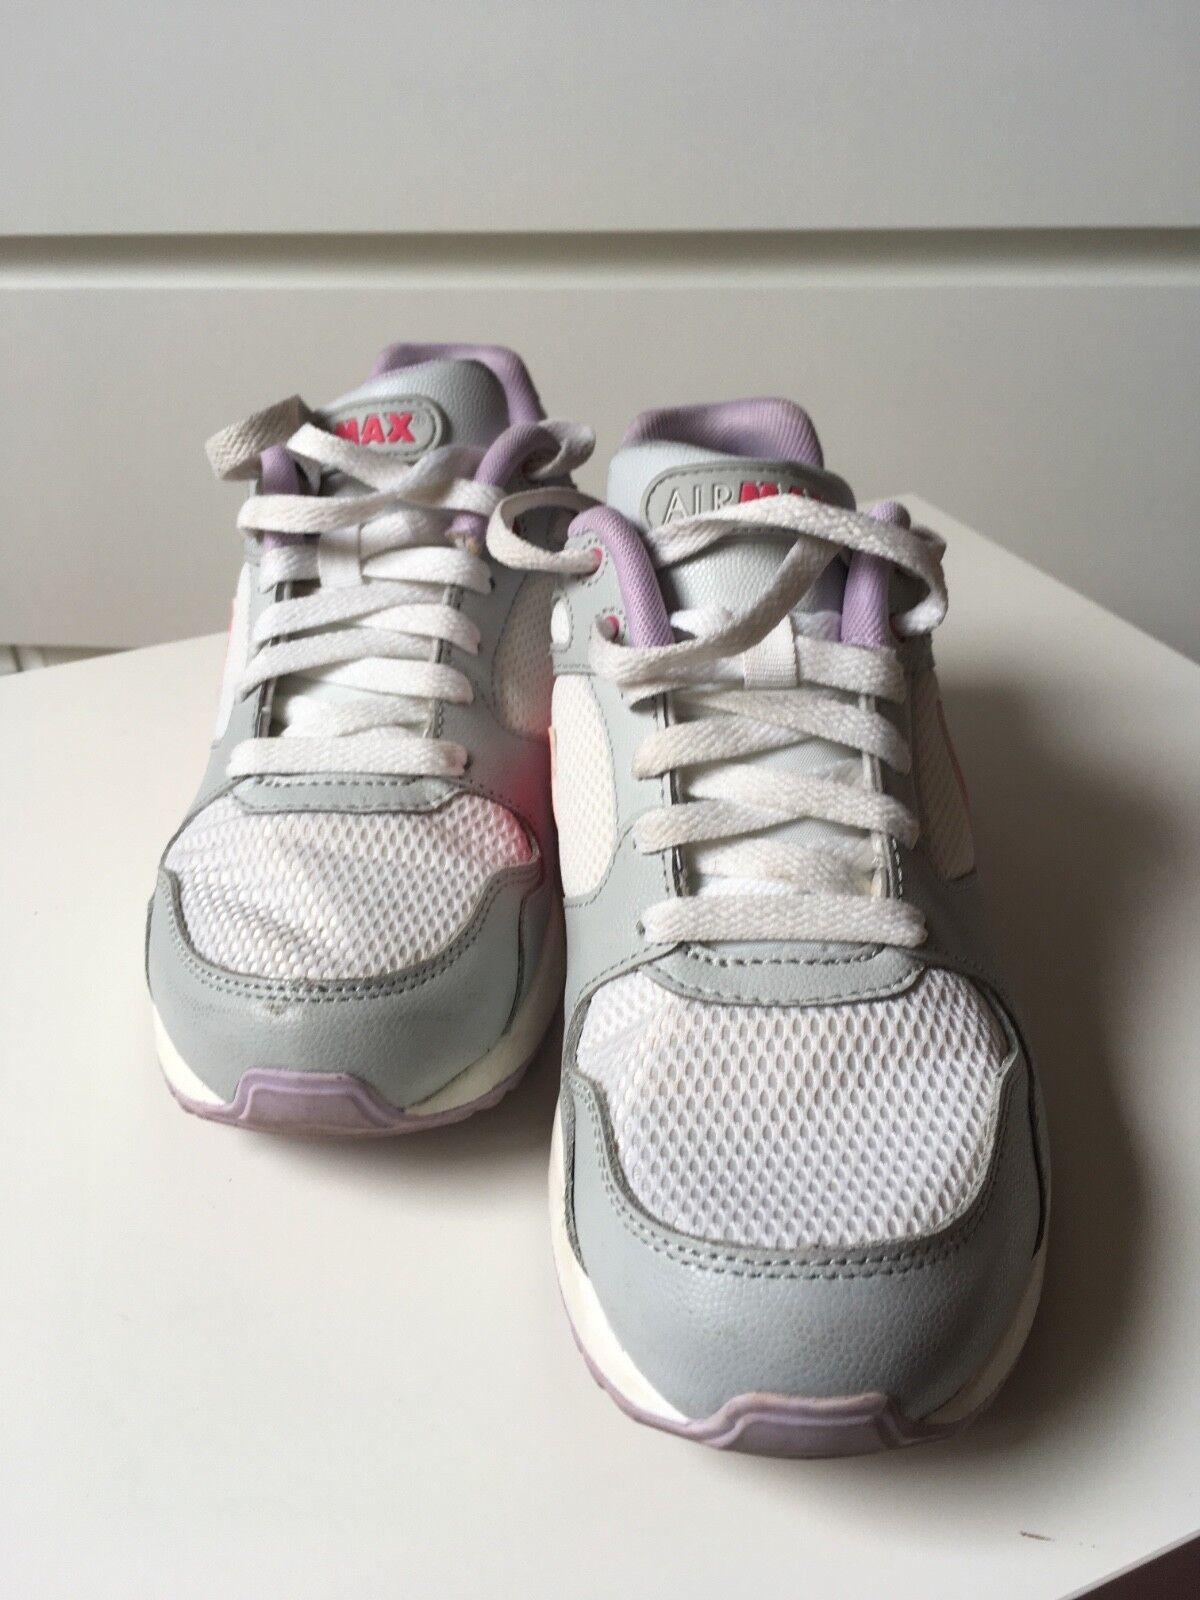 Nike Air Gebraucht, Max, Größe 38,5, Gebraucht, Air weiß, grau, pink 8d814a